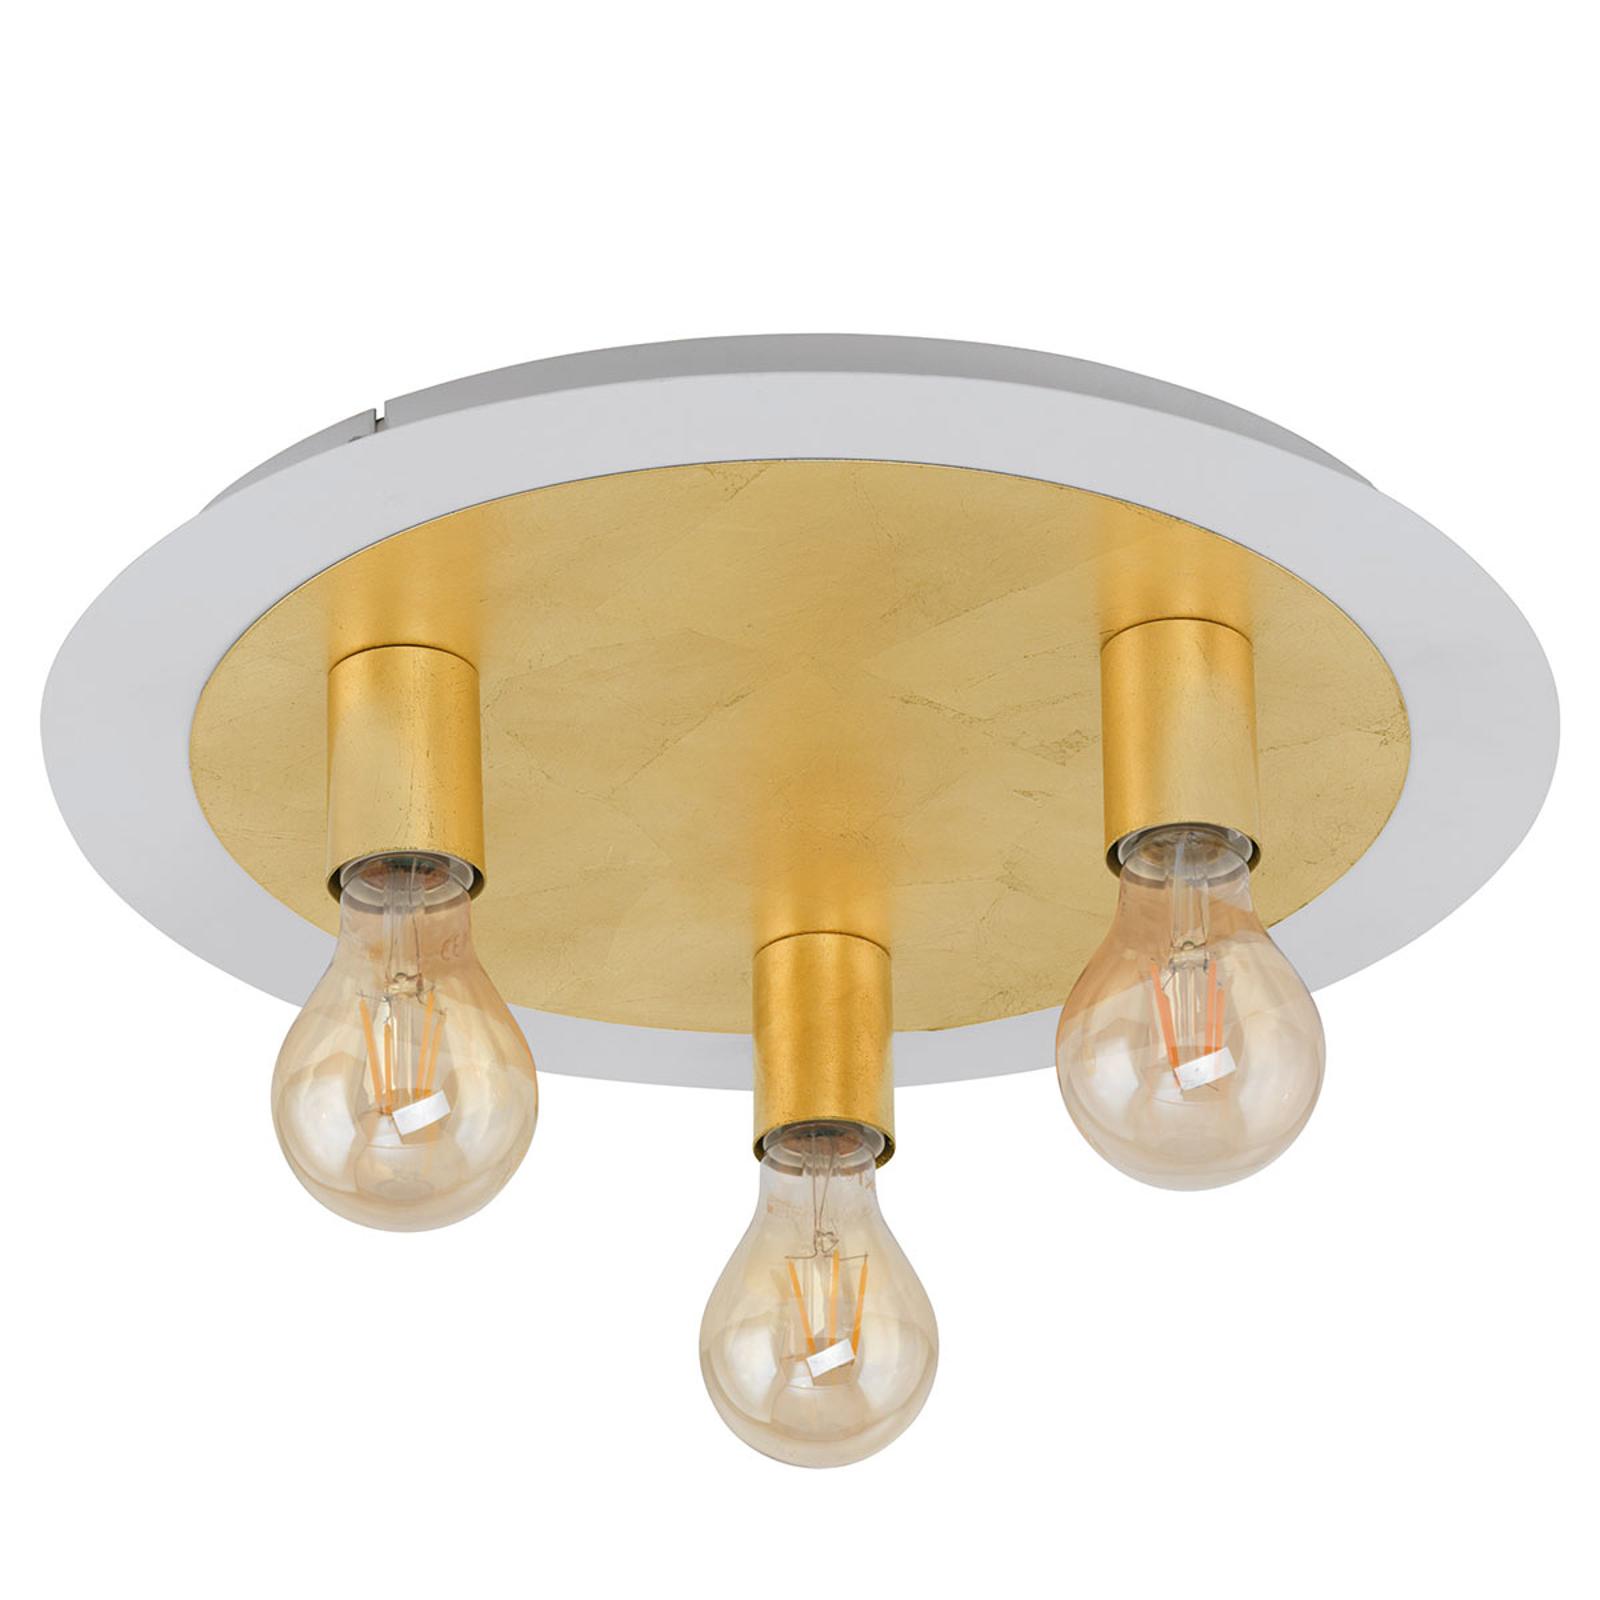 Lampa sufitowa LED Passano 3-punktowa złota